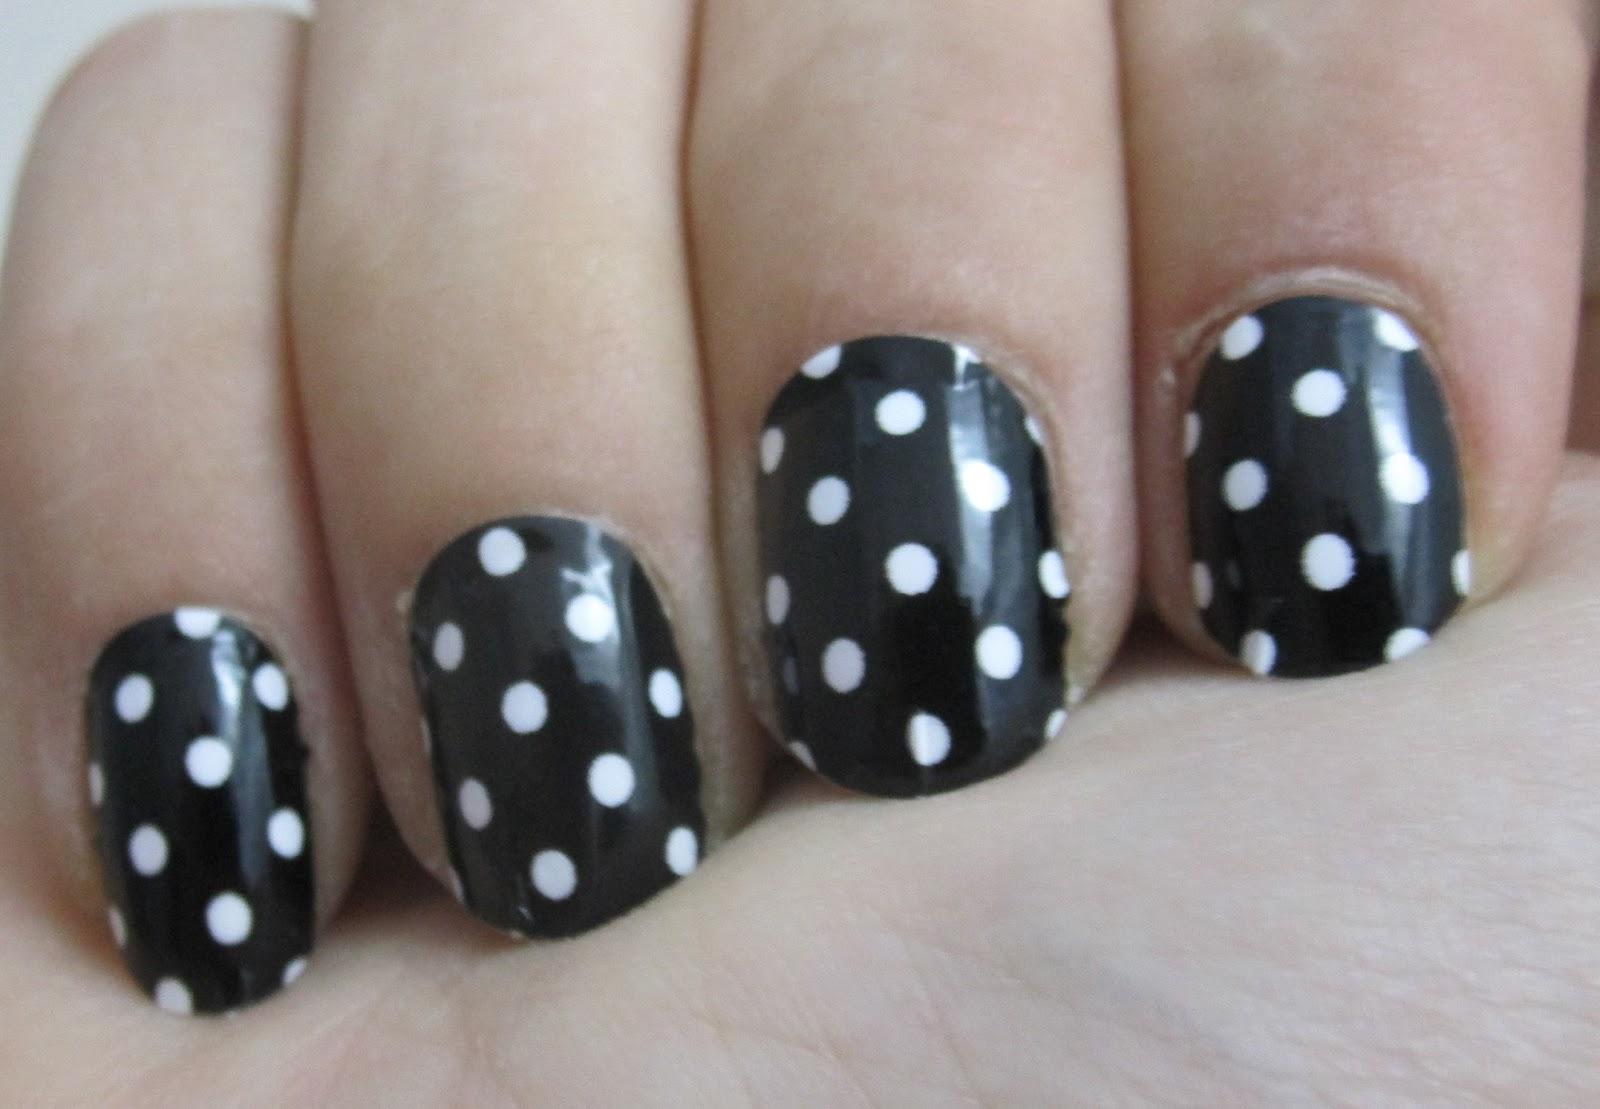 Nail Rock White Dots on Black Wraps - Beauty Geek UK